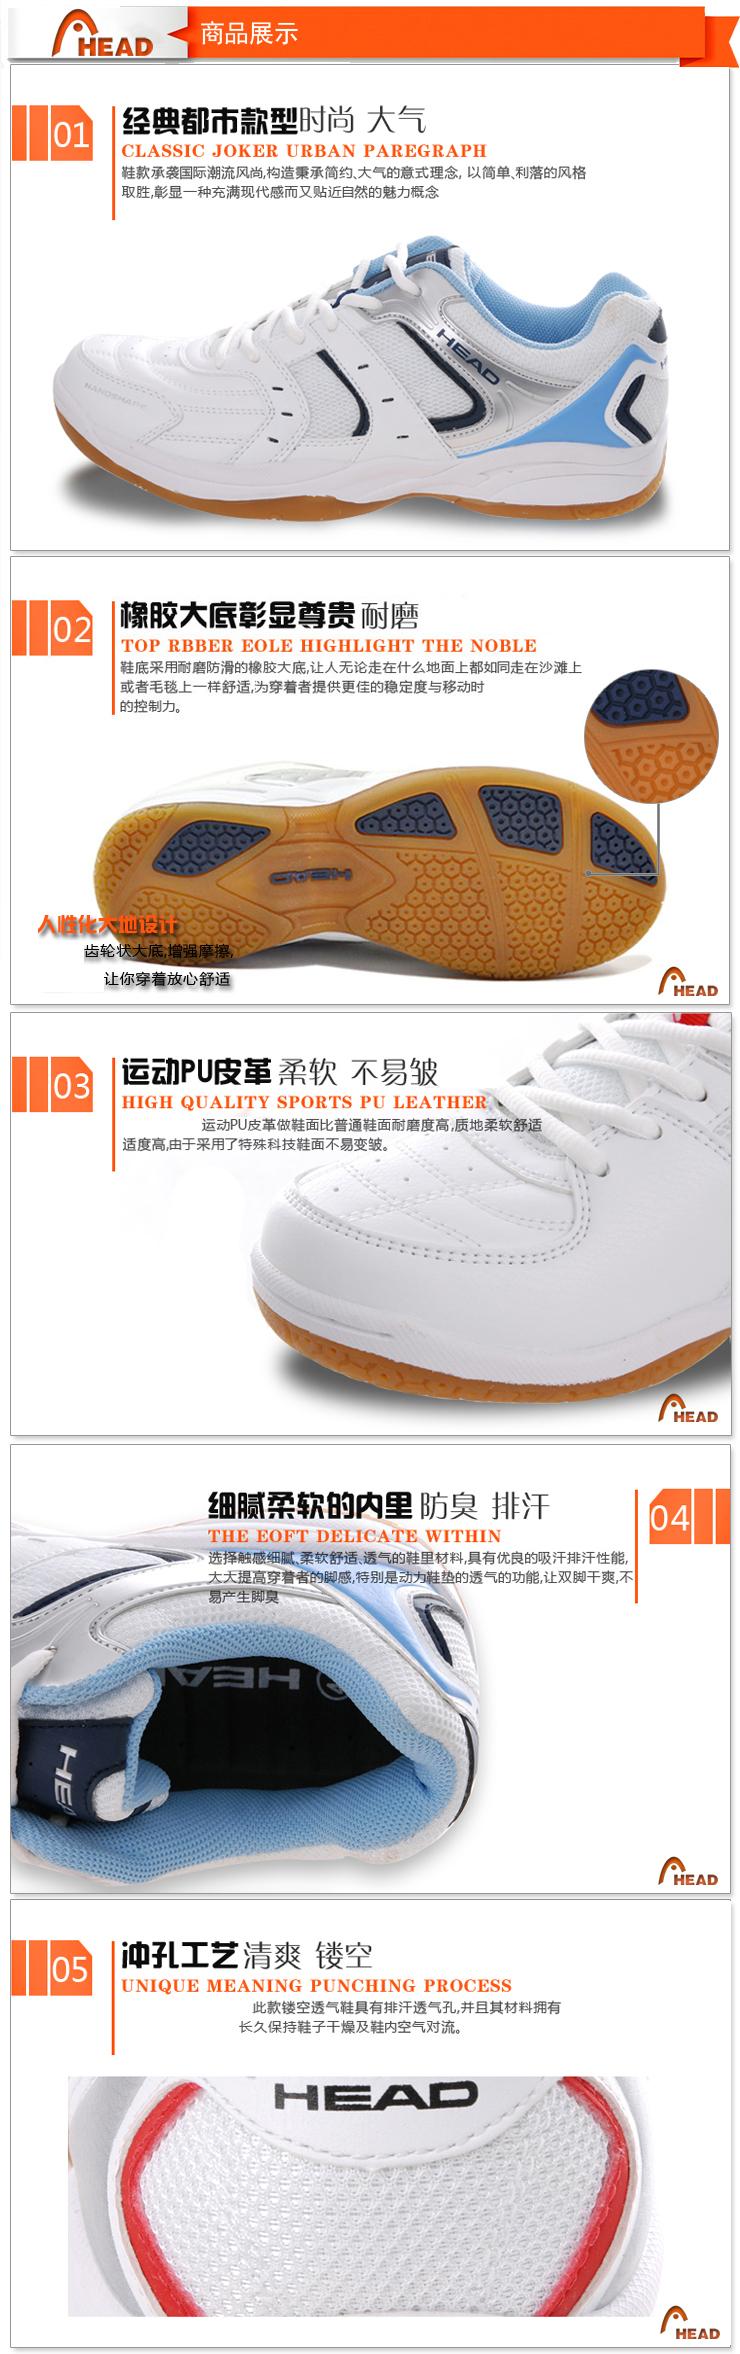 Giày cầu lông nam HEAD 43 HEAD-YMQX - ảnh 5